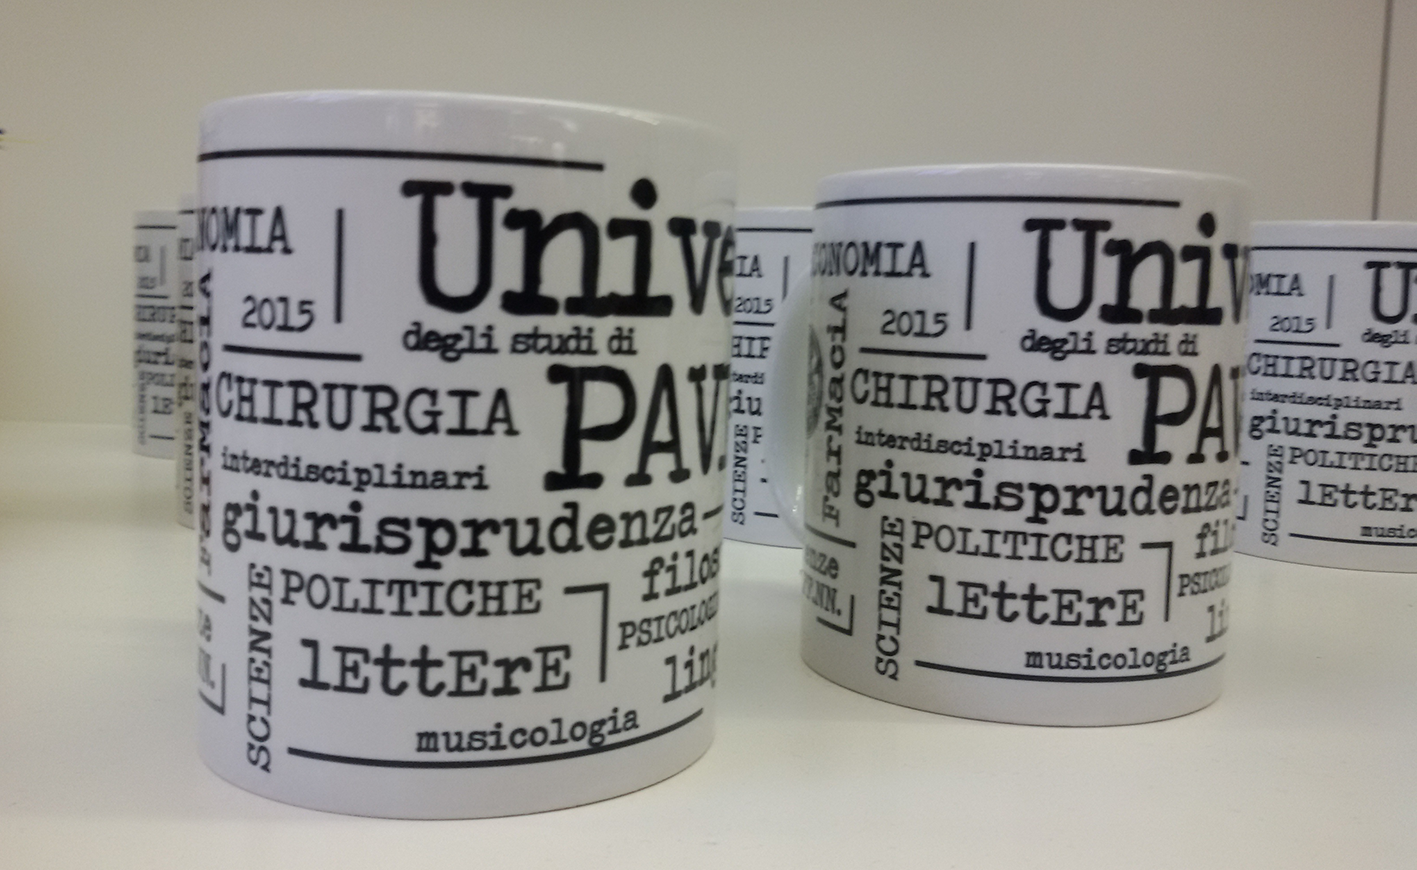 Disponibile presso lo Shop-Up la nuova Mug 2015